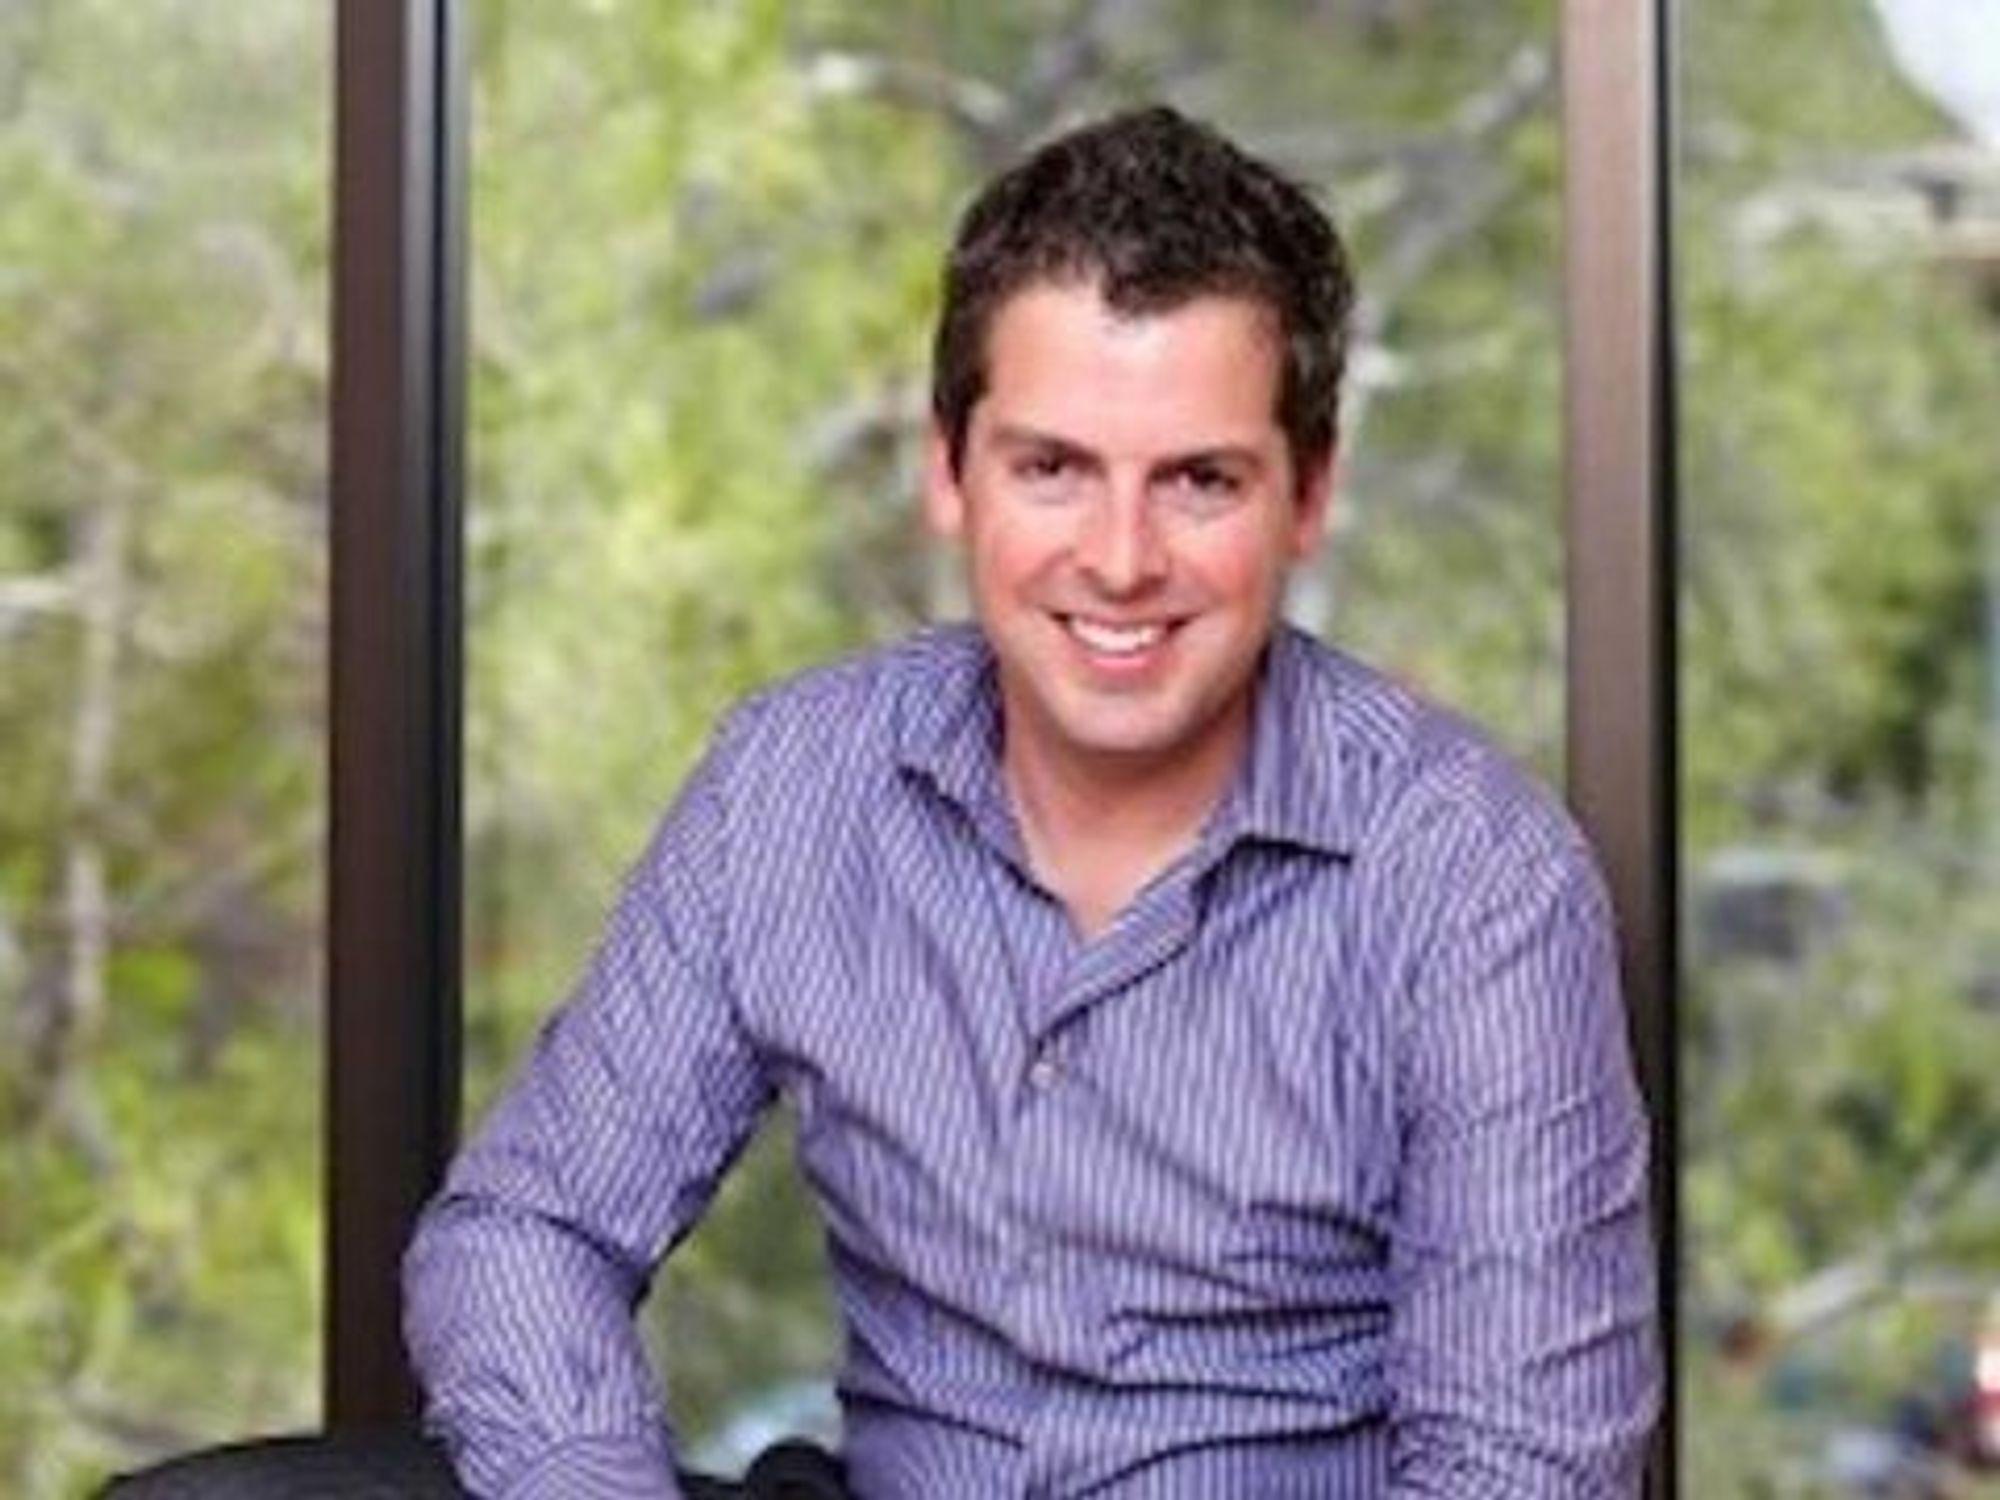 Javier Soltero var med og startet Acompli, og har nå overordnet ansvar for videreutvikling av hele Outlook-plattformen.